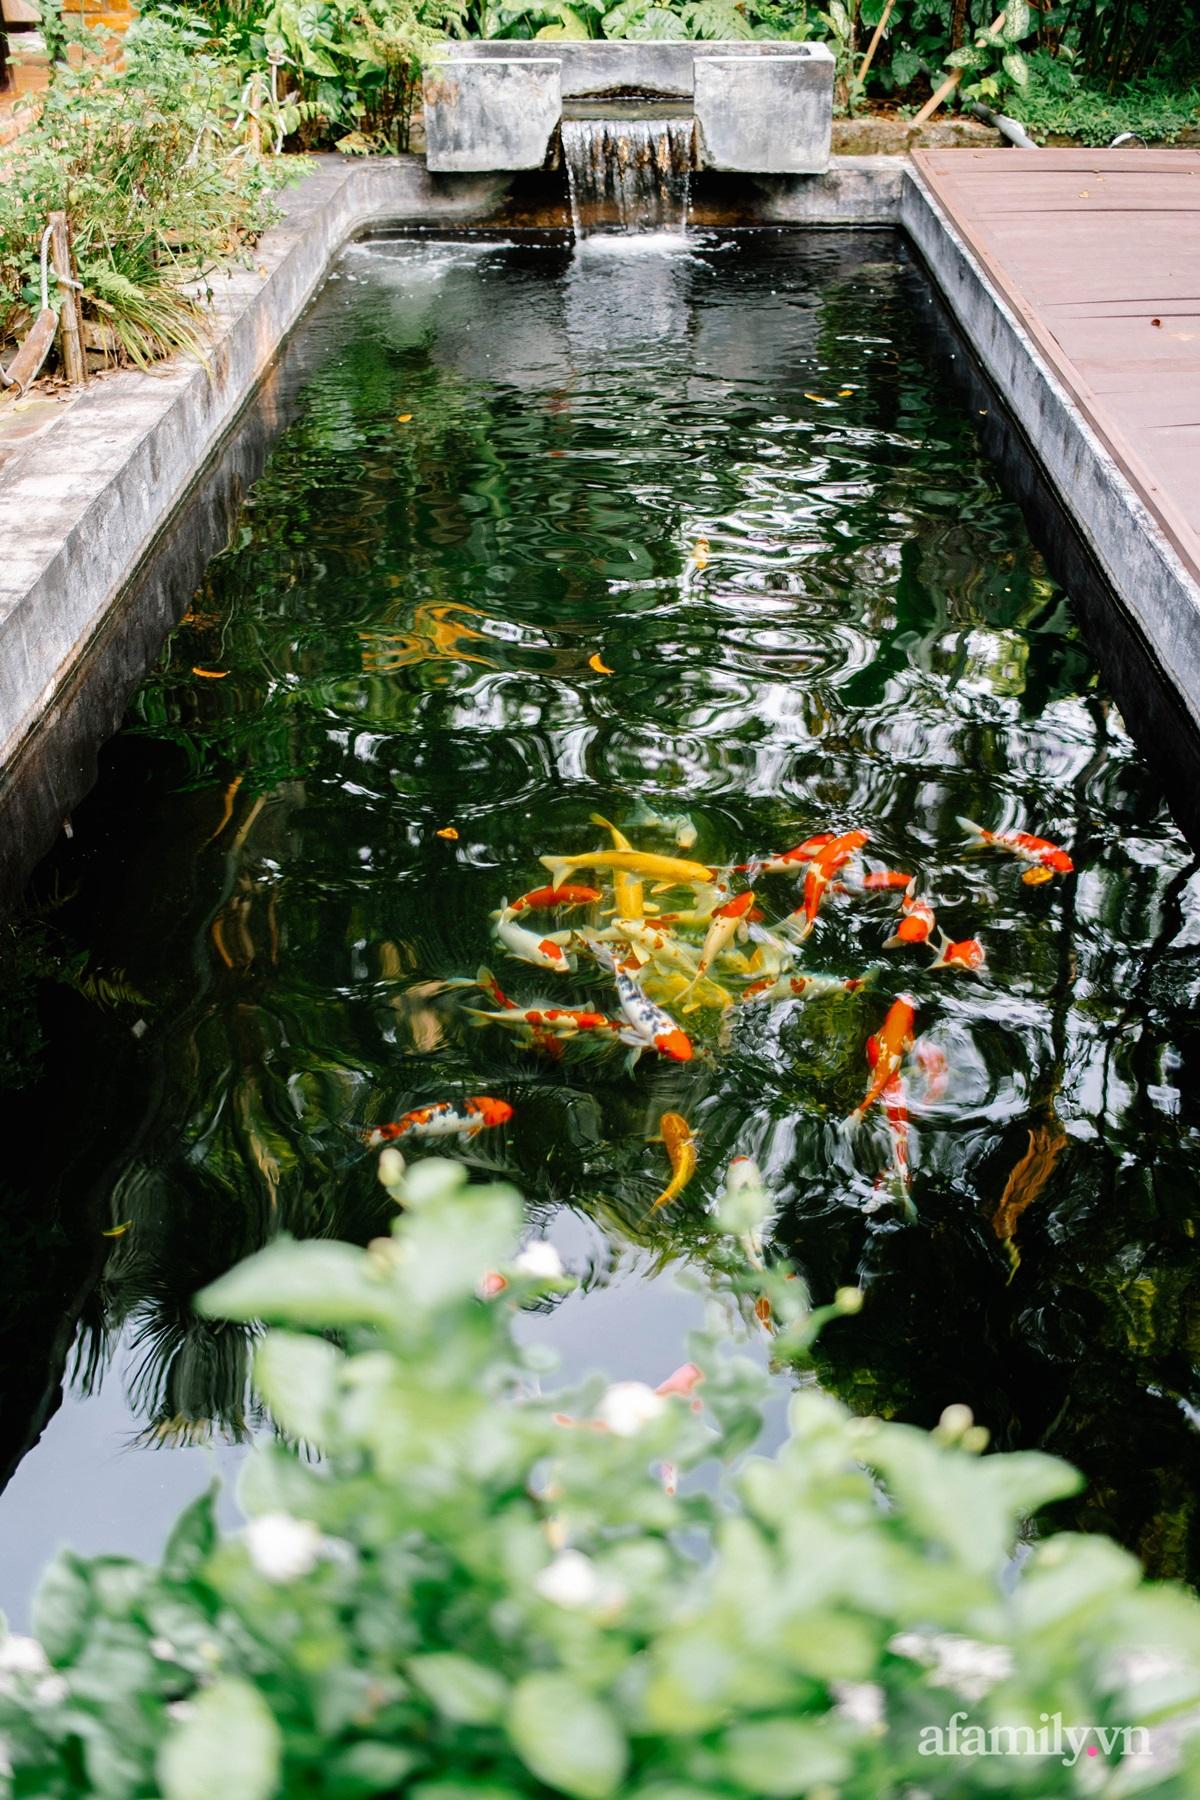 Cải tạo không gian rêu phong thành nhà vườn gói ghém những bình yên của người phụ nữ Hà Thành - Ảnh 9.